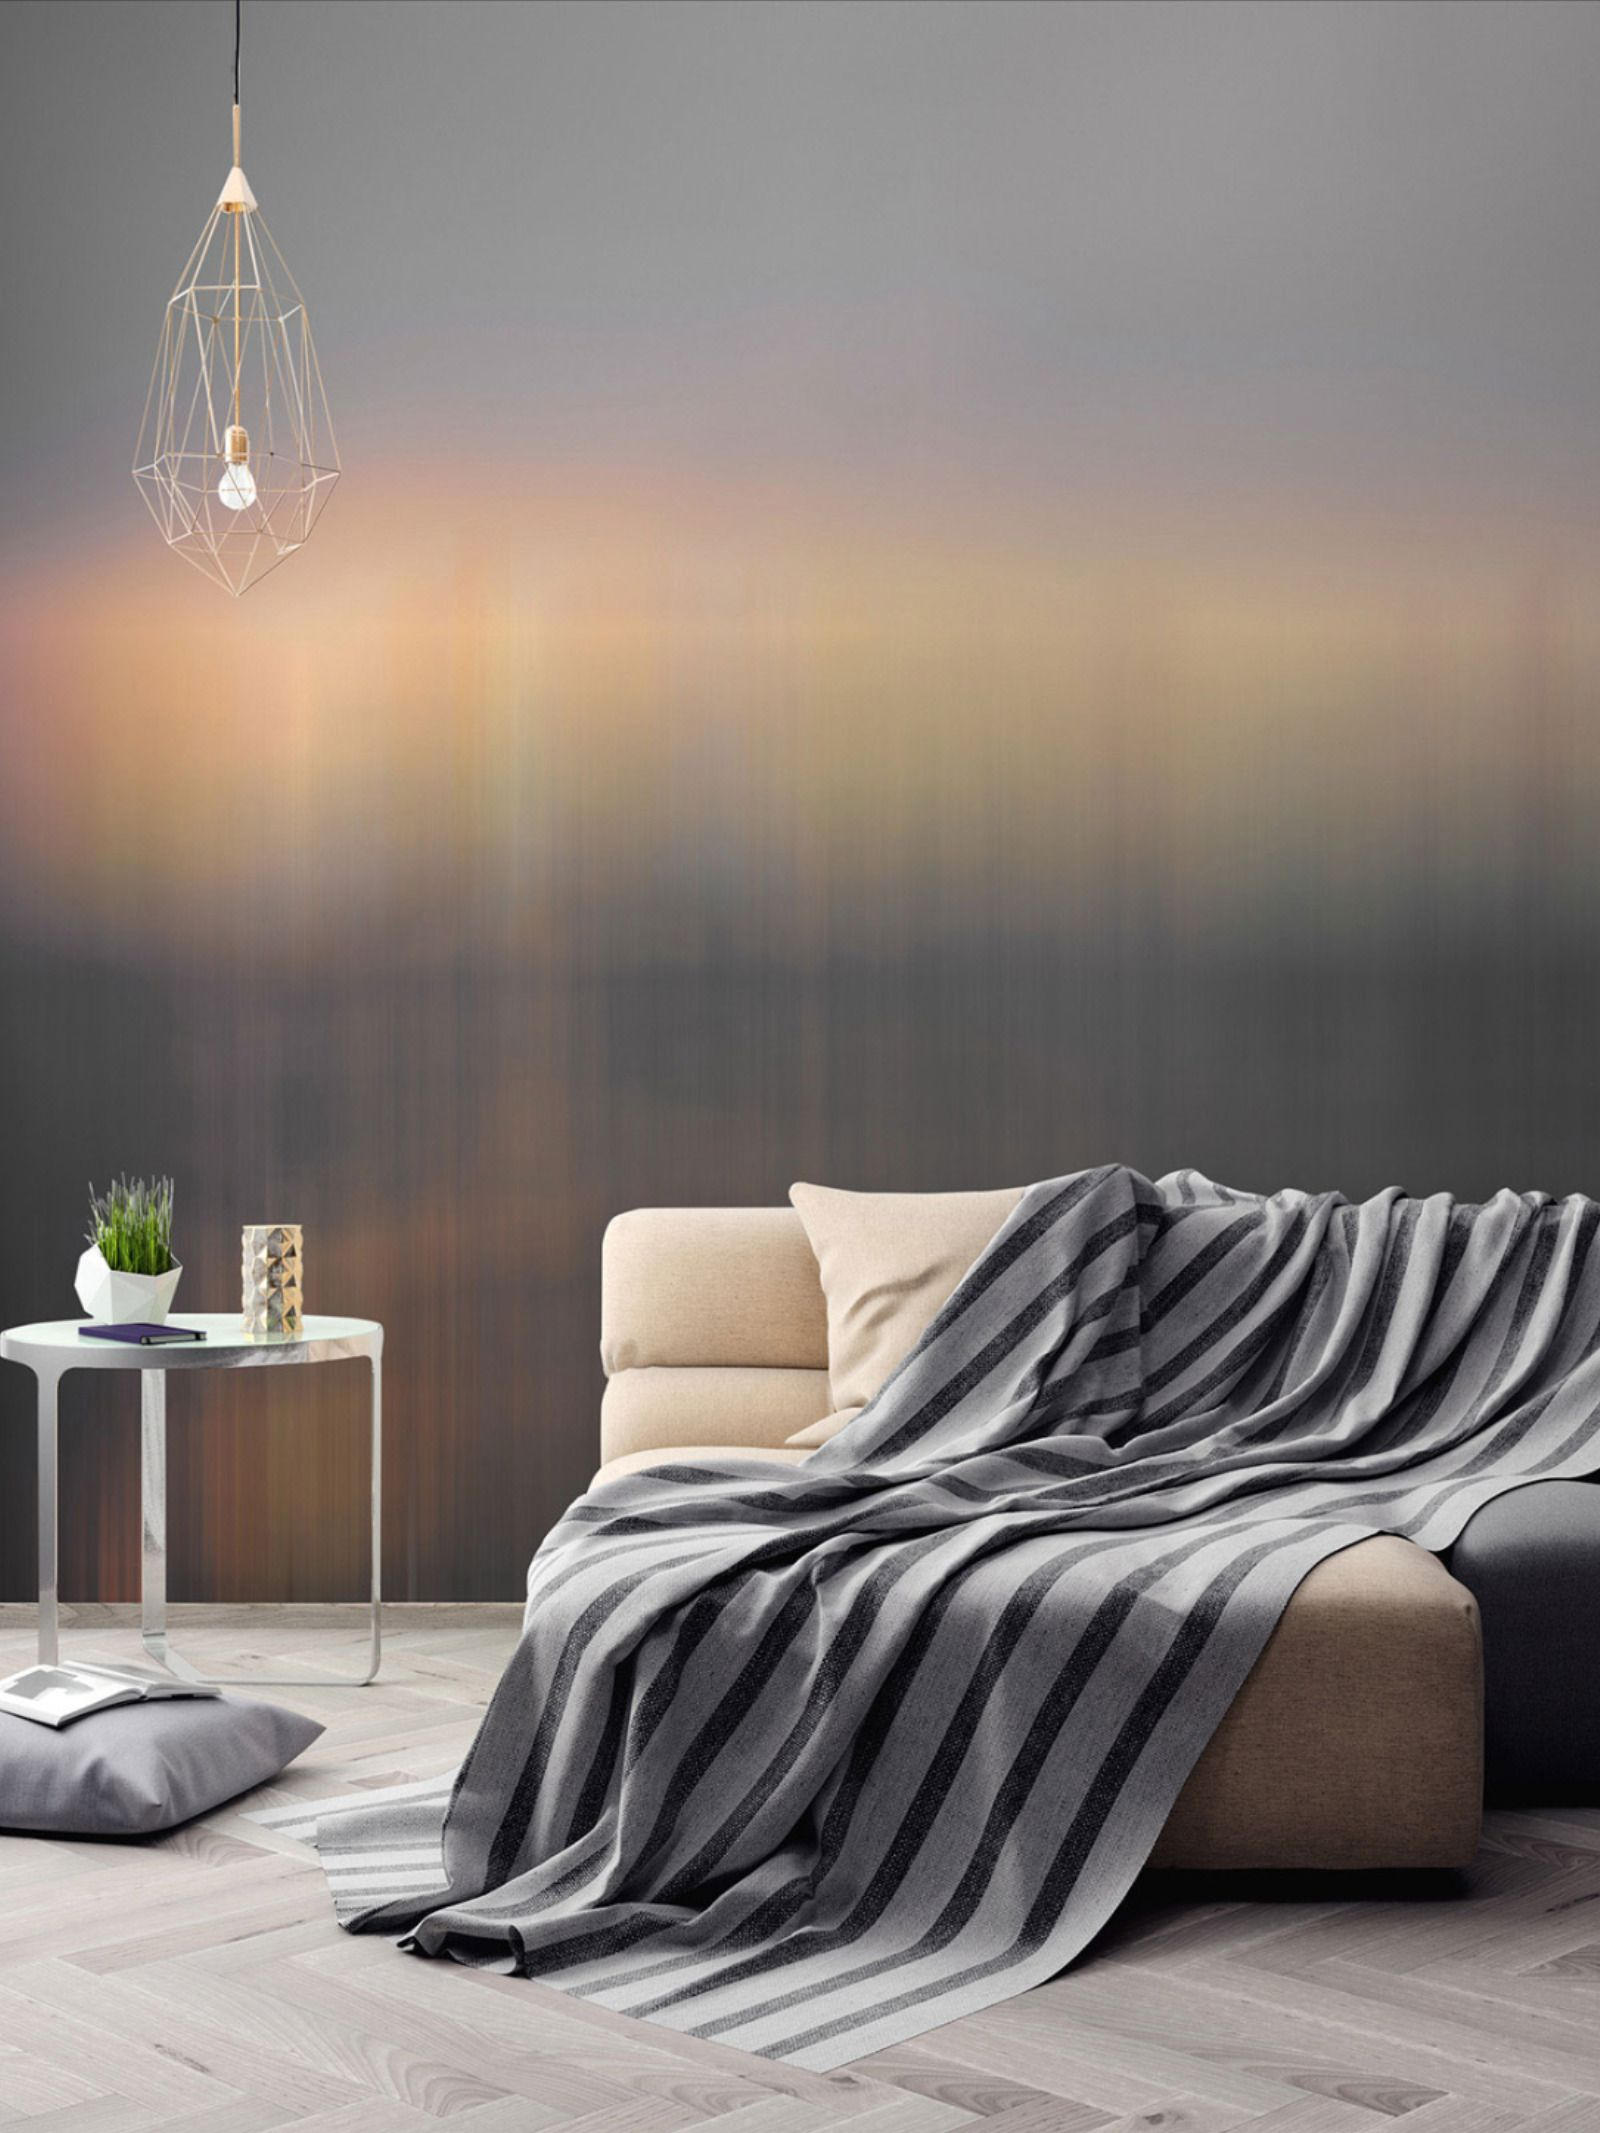 Fototapete Diff Sundown3 Dd118395 A S Creation Atelier 47 In 2020 Fototapete Wandgestaltung Fototapete Haus